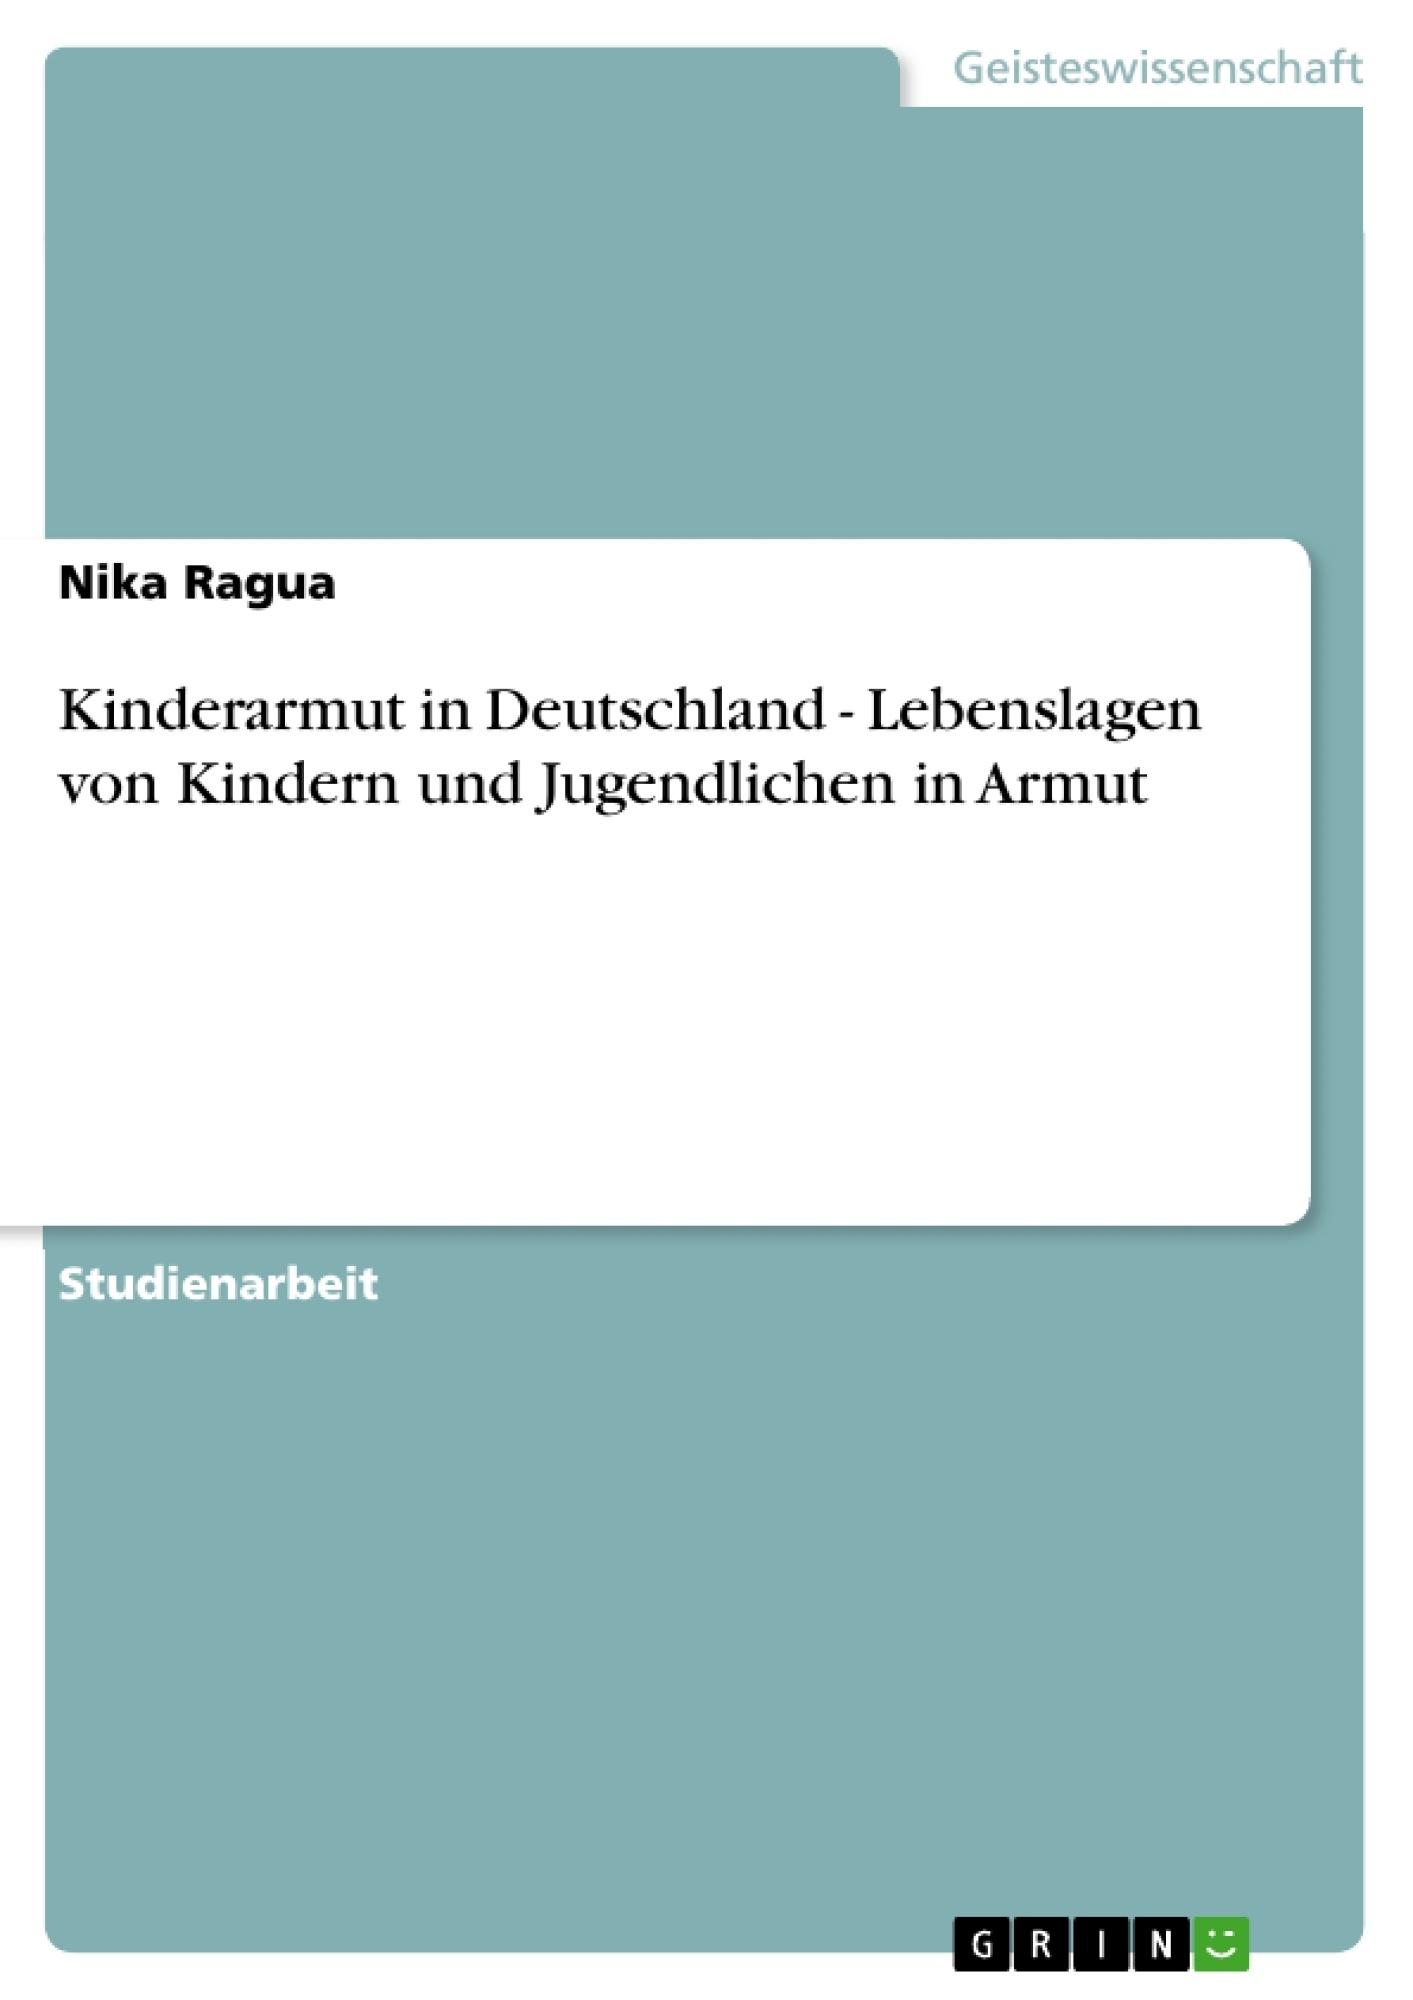 Titel: Kinderarmut in Deutschland - Lebenslagen von Kindern und Jugendlichen in Armut